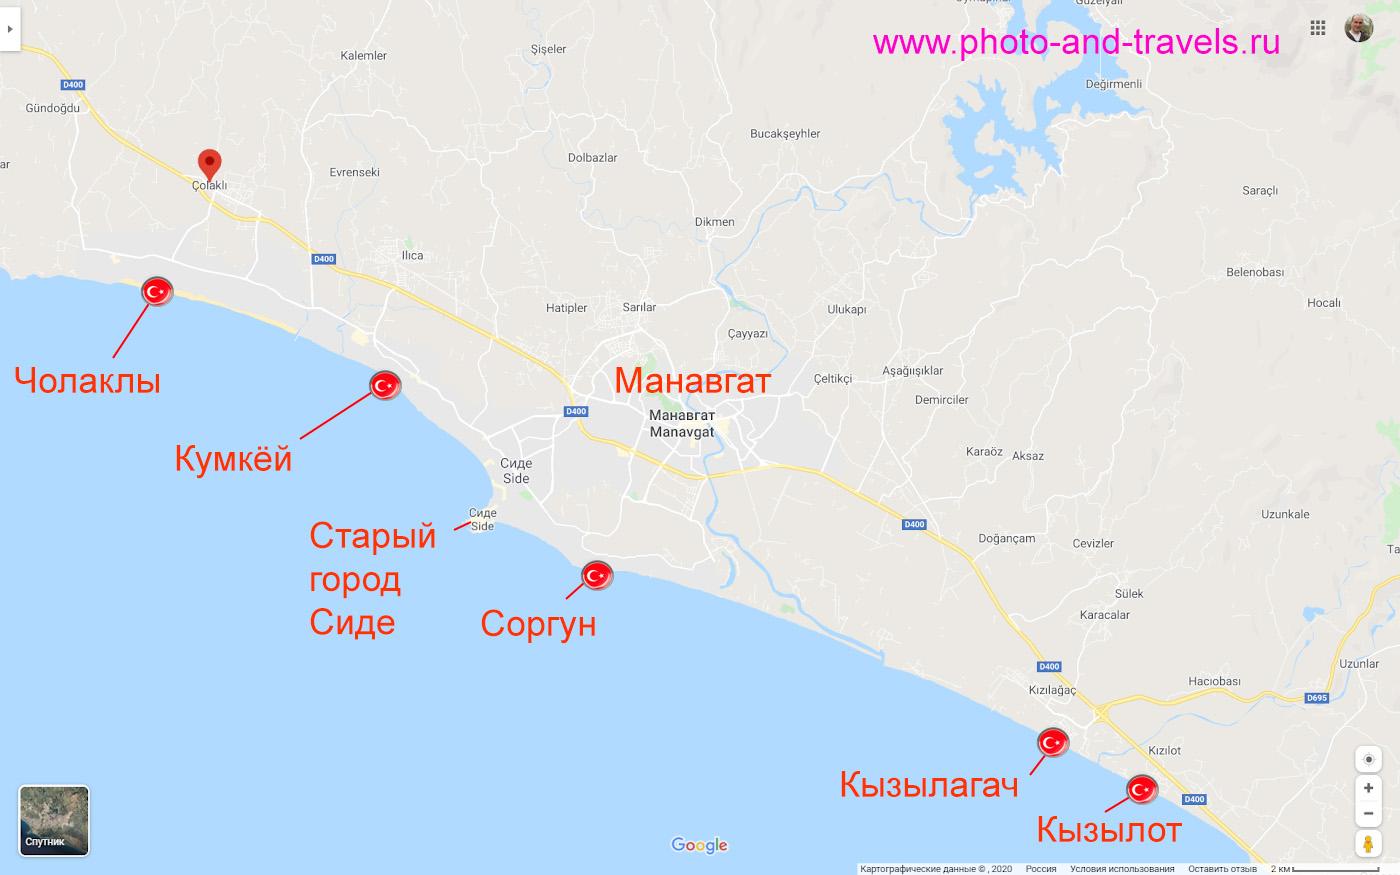 20. Карта расположения курортных поселков Чолаклы, Кумкёй, Соргун, Кызылагач и Кызылот в регионе Сиде.